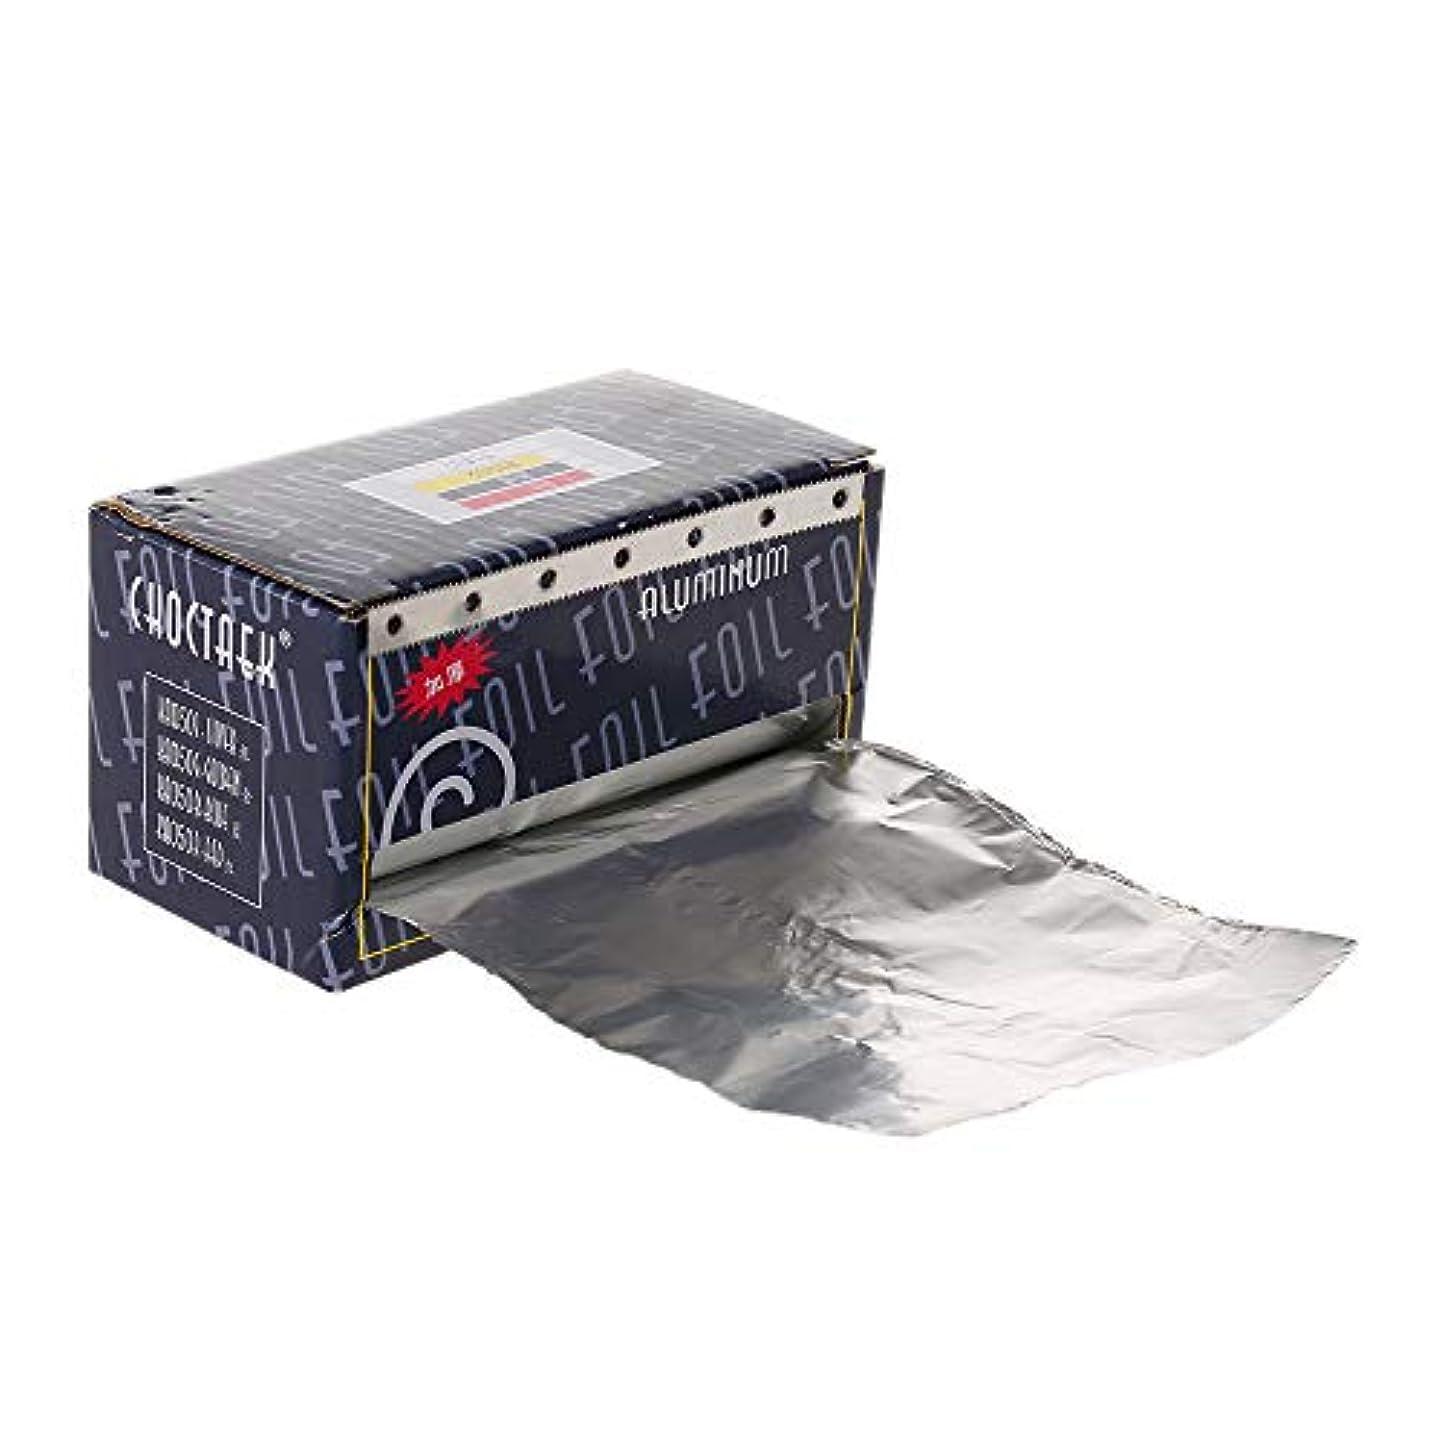 挽く公平なハーネスDecdeal ヘア/ネイル用 錫箔紙 理髪用品用アルミ箔 ヘアサロンツール ヘアパーマヘアスタイリング着色